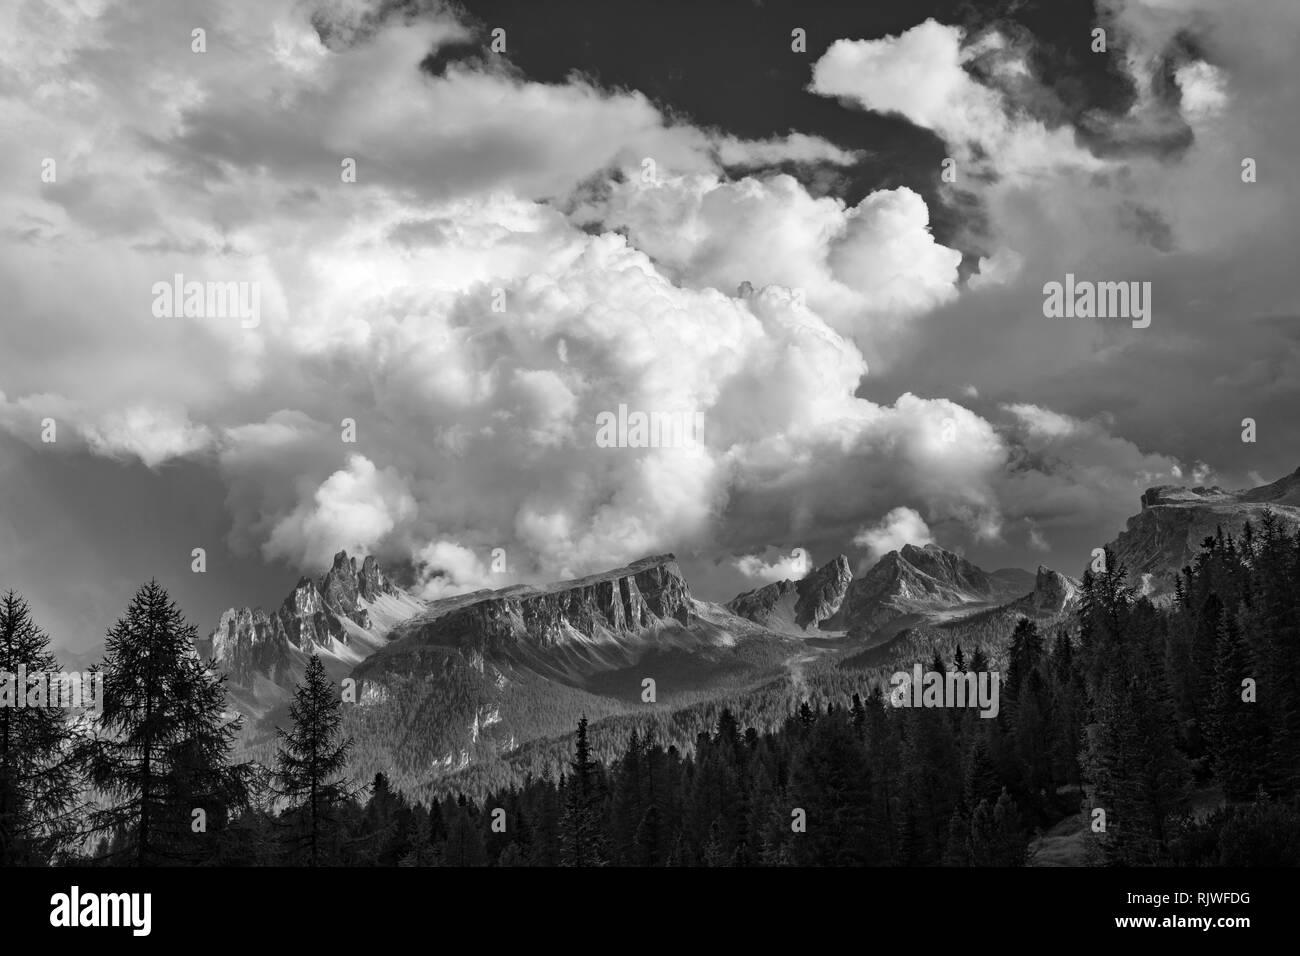 Les Dolomites, Italie du Nord. Les pics de la 2182m dei crêpe Ronde, Nuvolau (2575m) et Averau (2649m), vu l'avancement avant qu'un orage (b/w) Photo Stock